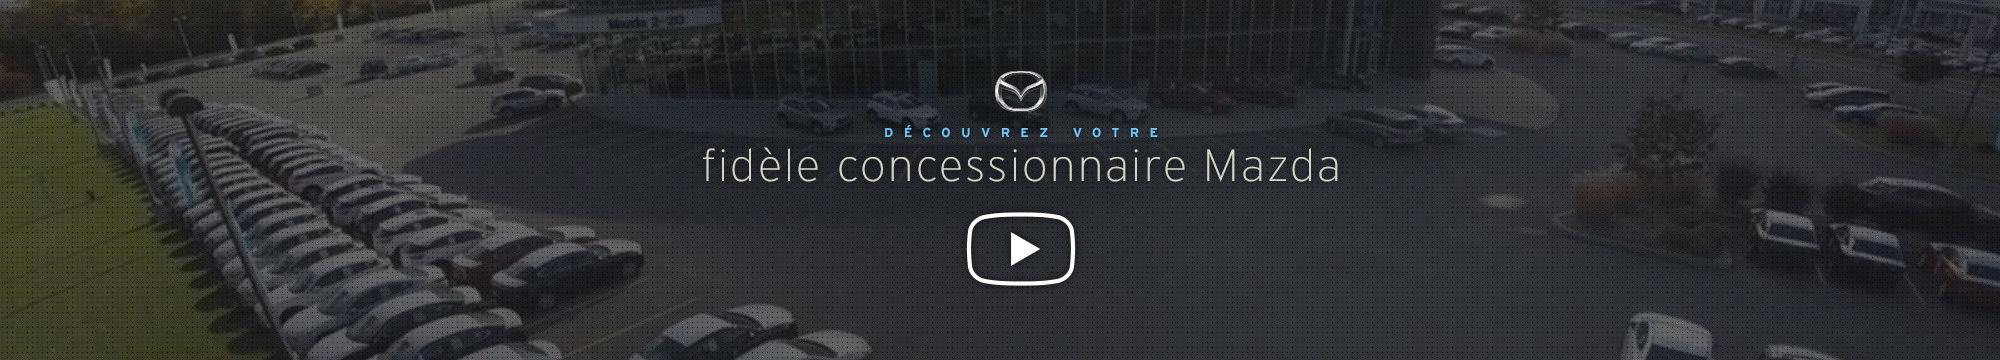 Fidèle concessionnaire Mazda